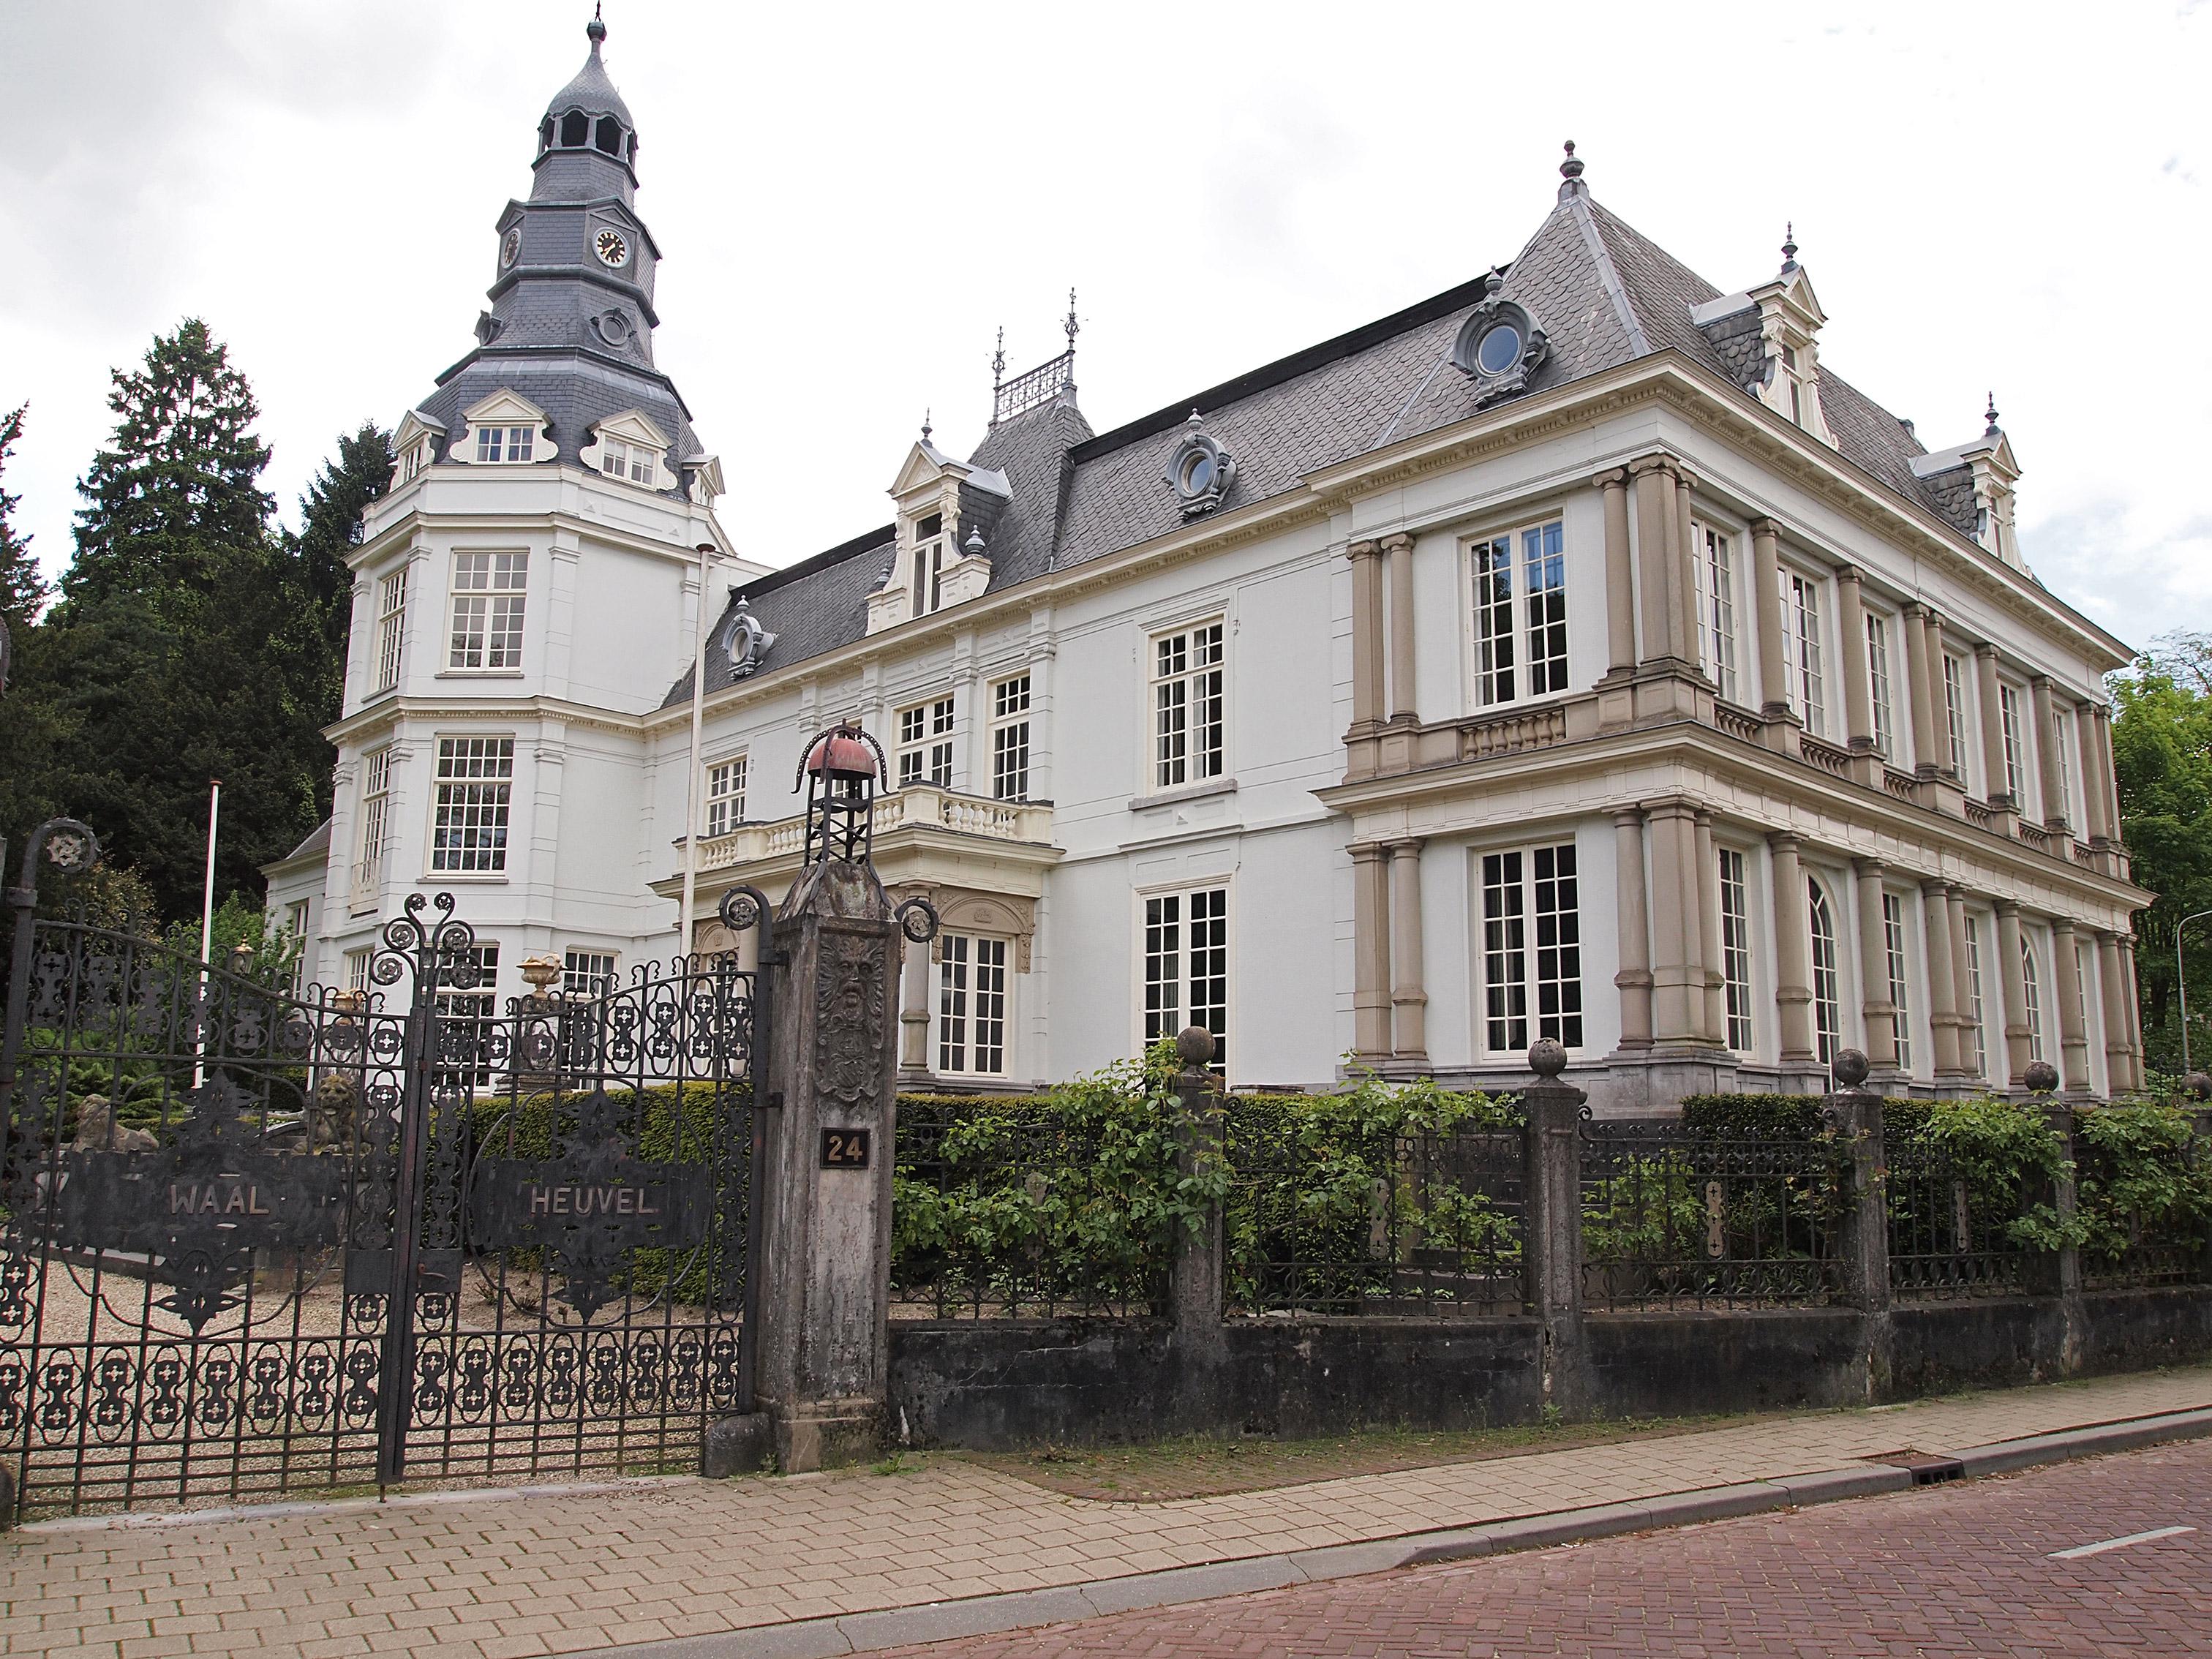 Villa waalheuvel, monumentaal opgezet landhuis in ubbergen ...